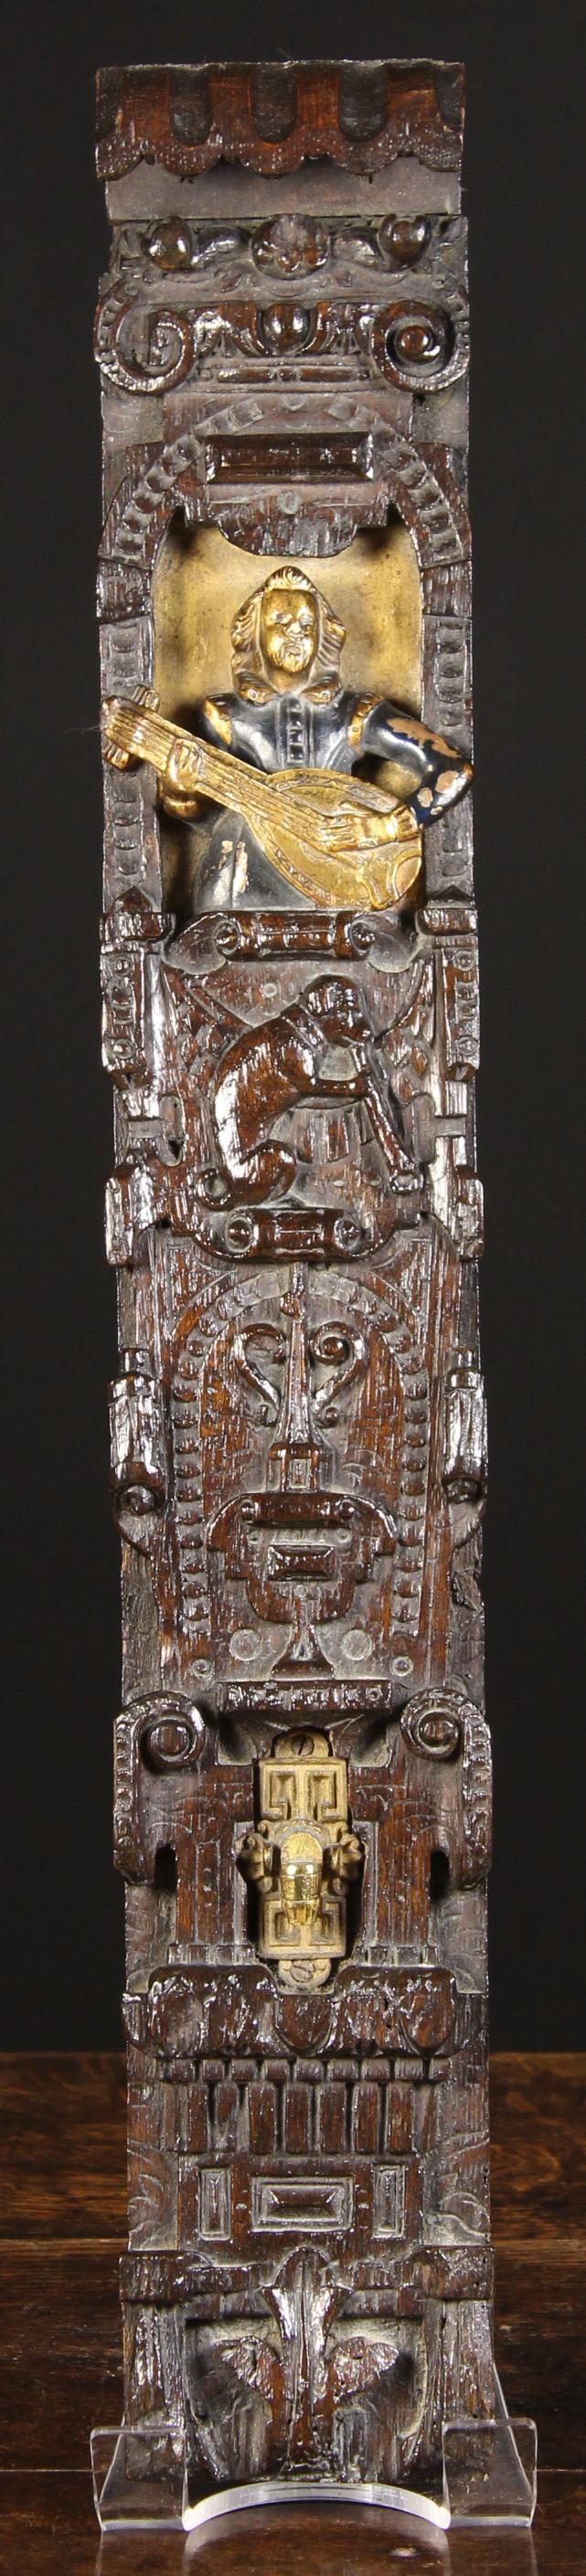 Lot 2 - A Delightful Jacobean Carved & Parcel Gilt Oak Term.